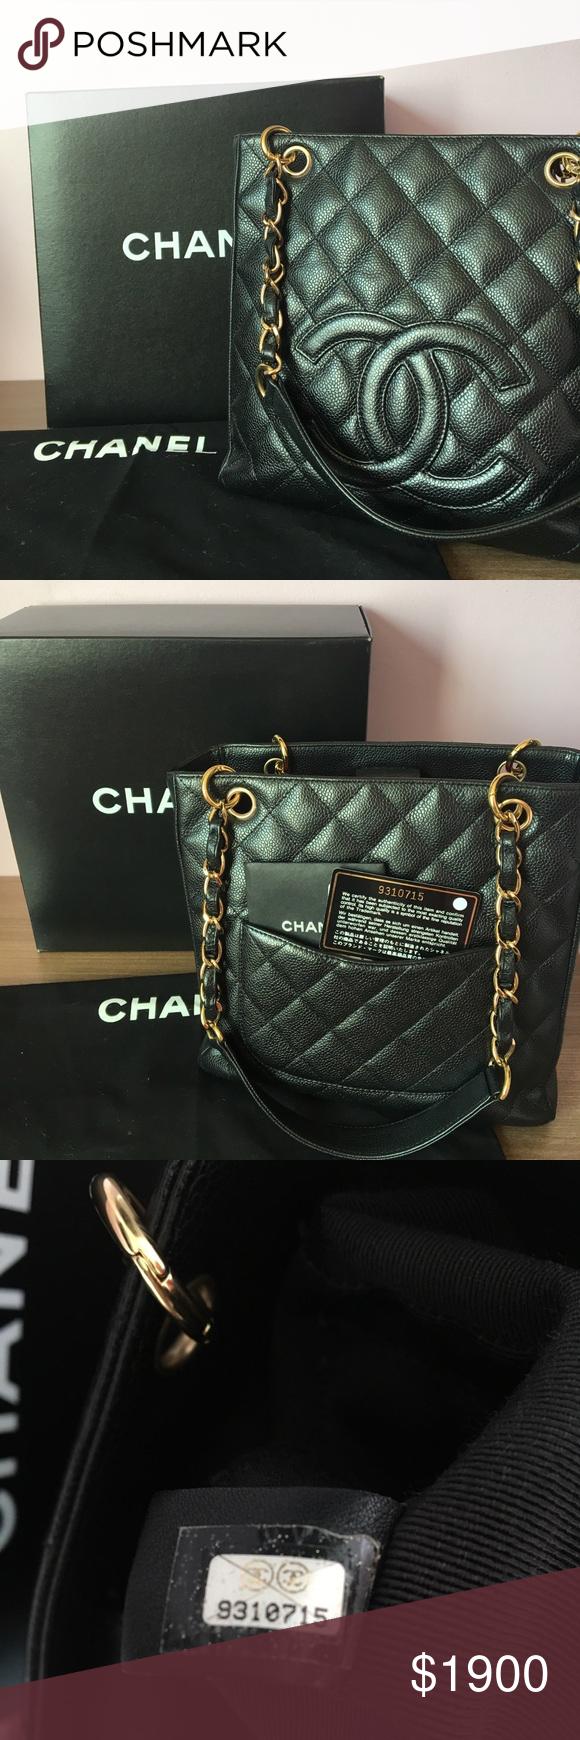 5f6af0b8fa0e CHANEL Black Caviar Leather CLASSIC Tote Bag Chanel Petite Tote in Black  Caviar with Gold Hardware